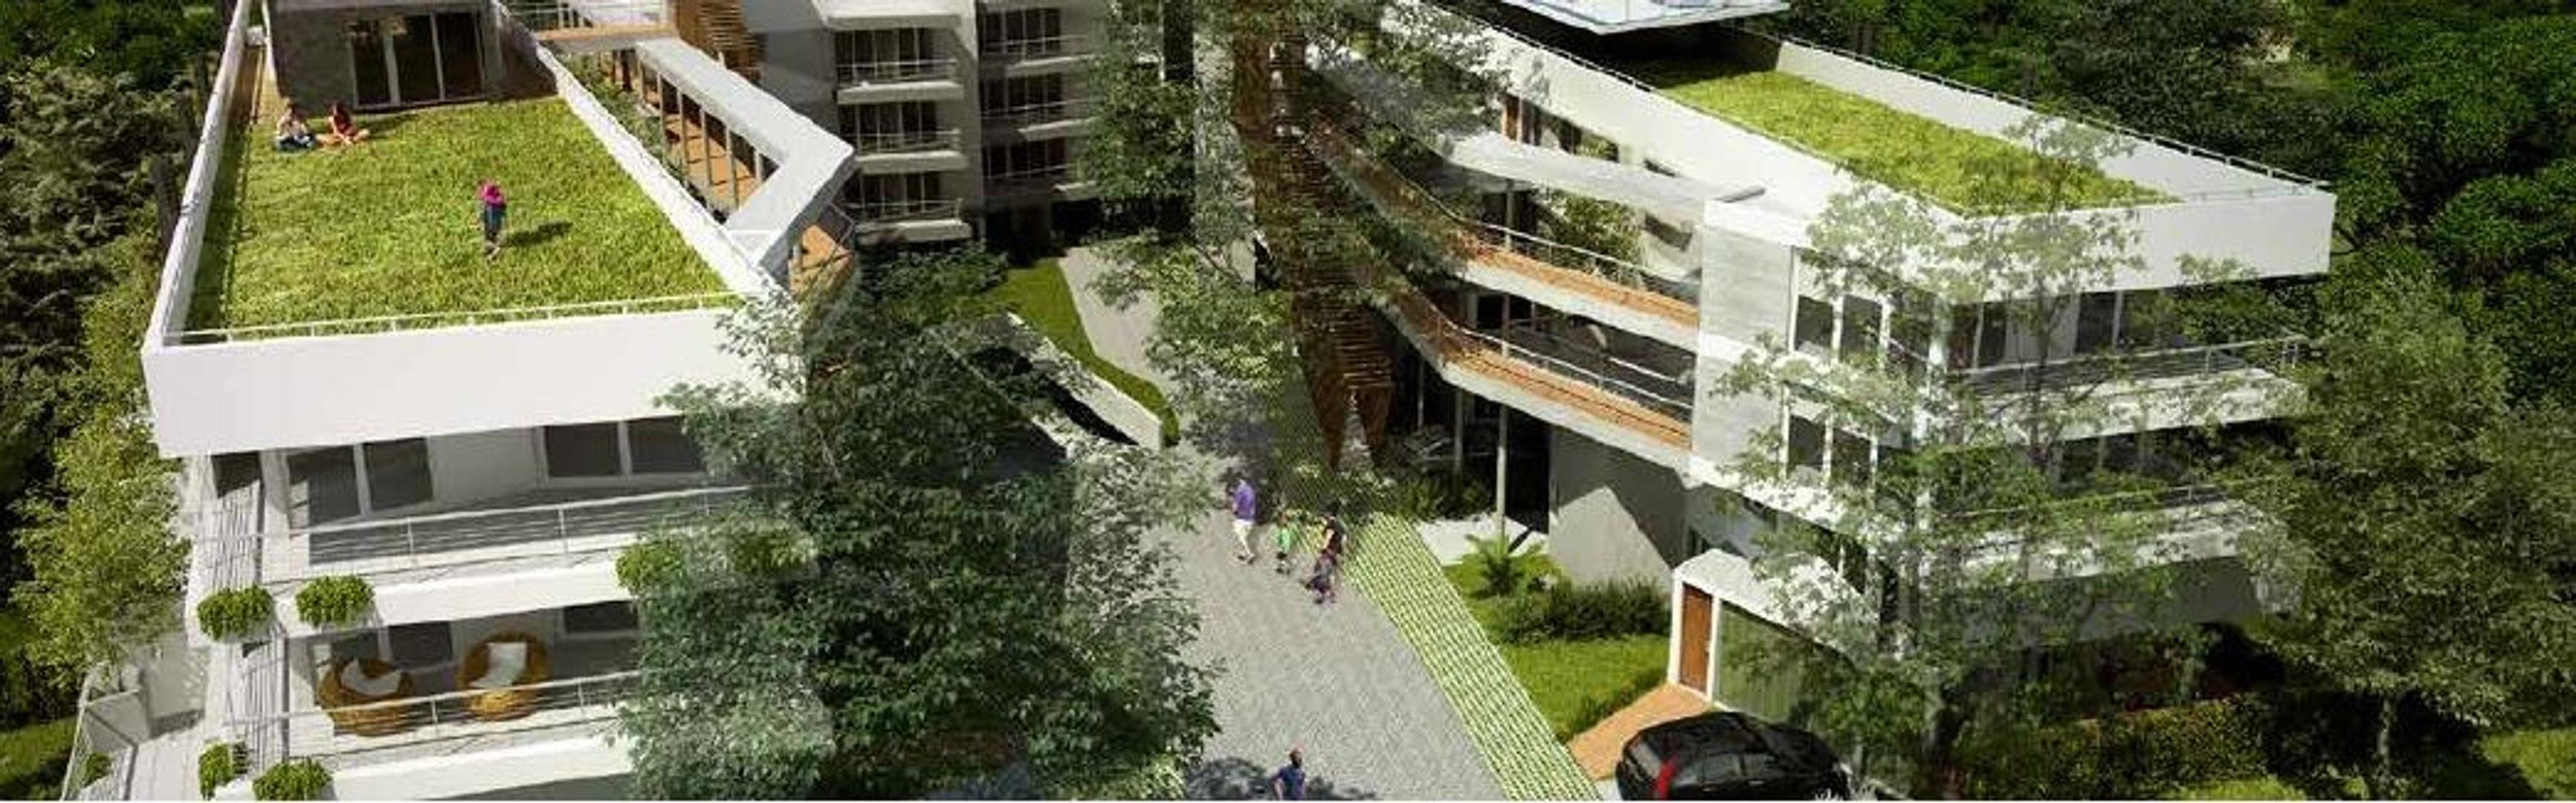 Departamento en Venta en Barrio Cerrado Los Robles de Maschwitz - 3 ambientes